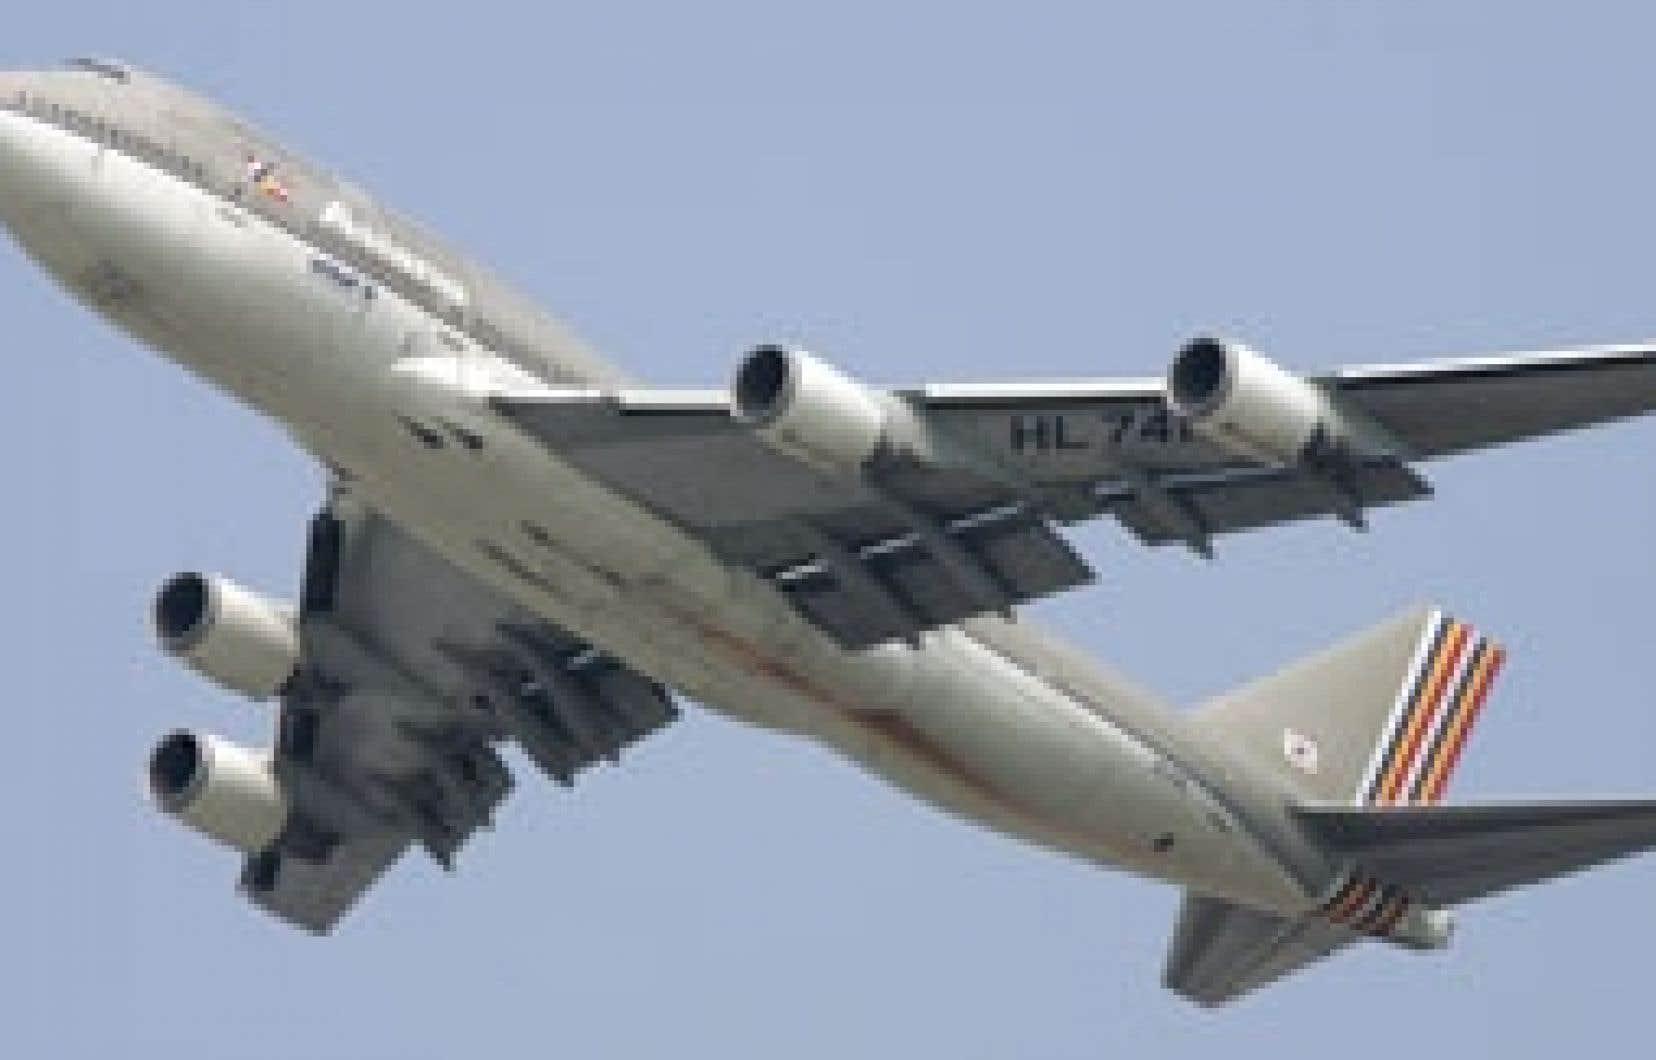 «Lorsque vous développez un programme comme le 747, ou que vous construisez un grand pont, ou l'A380, rien n'est jamais parfait», reconnaît Joseph Sutter, l'ingénieur en chef du programme du Boeing 747.